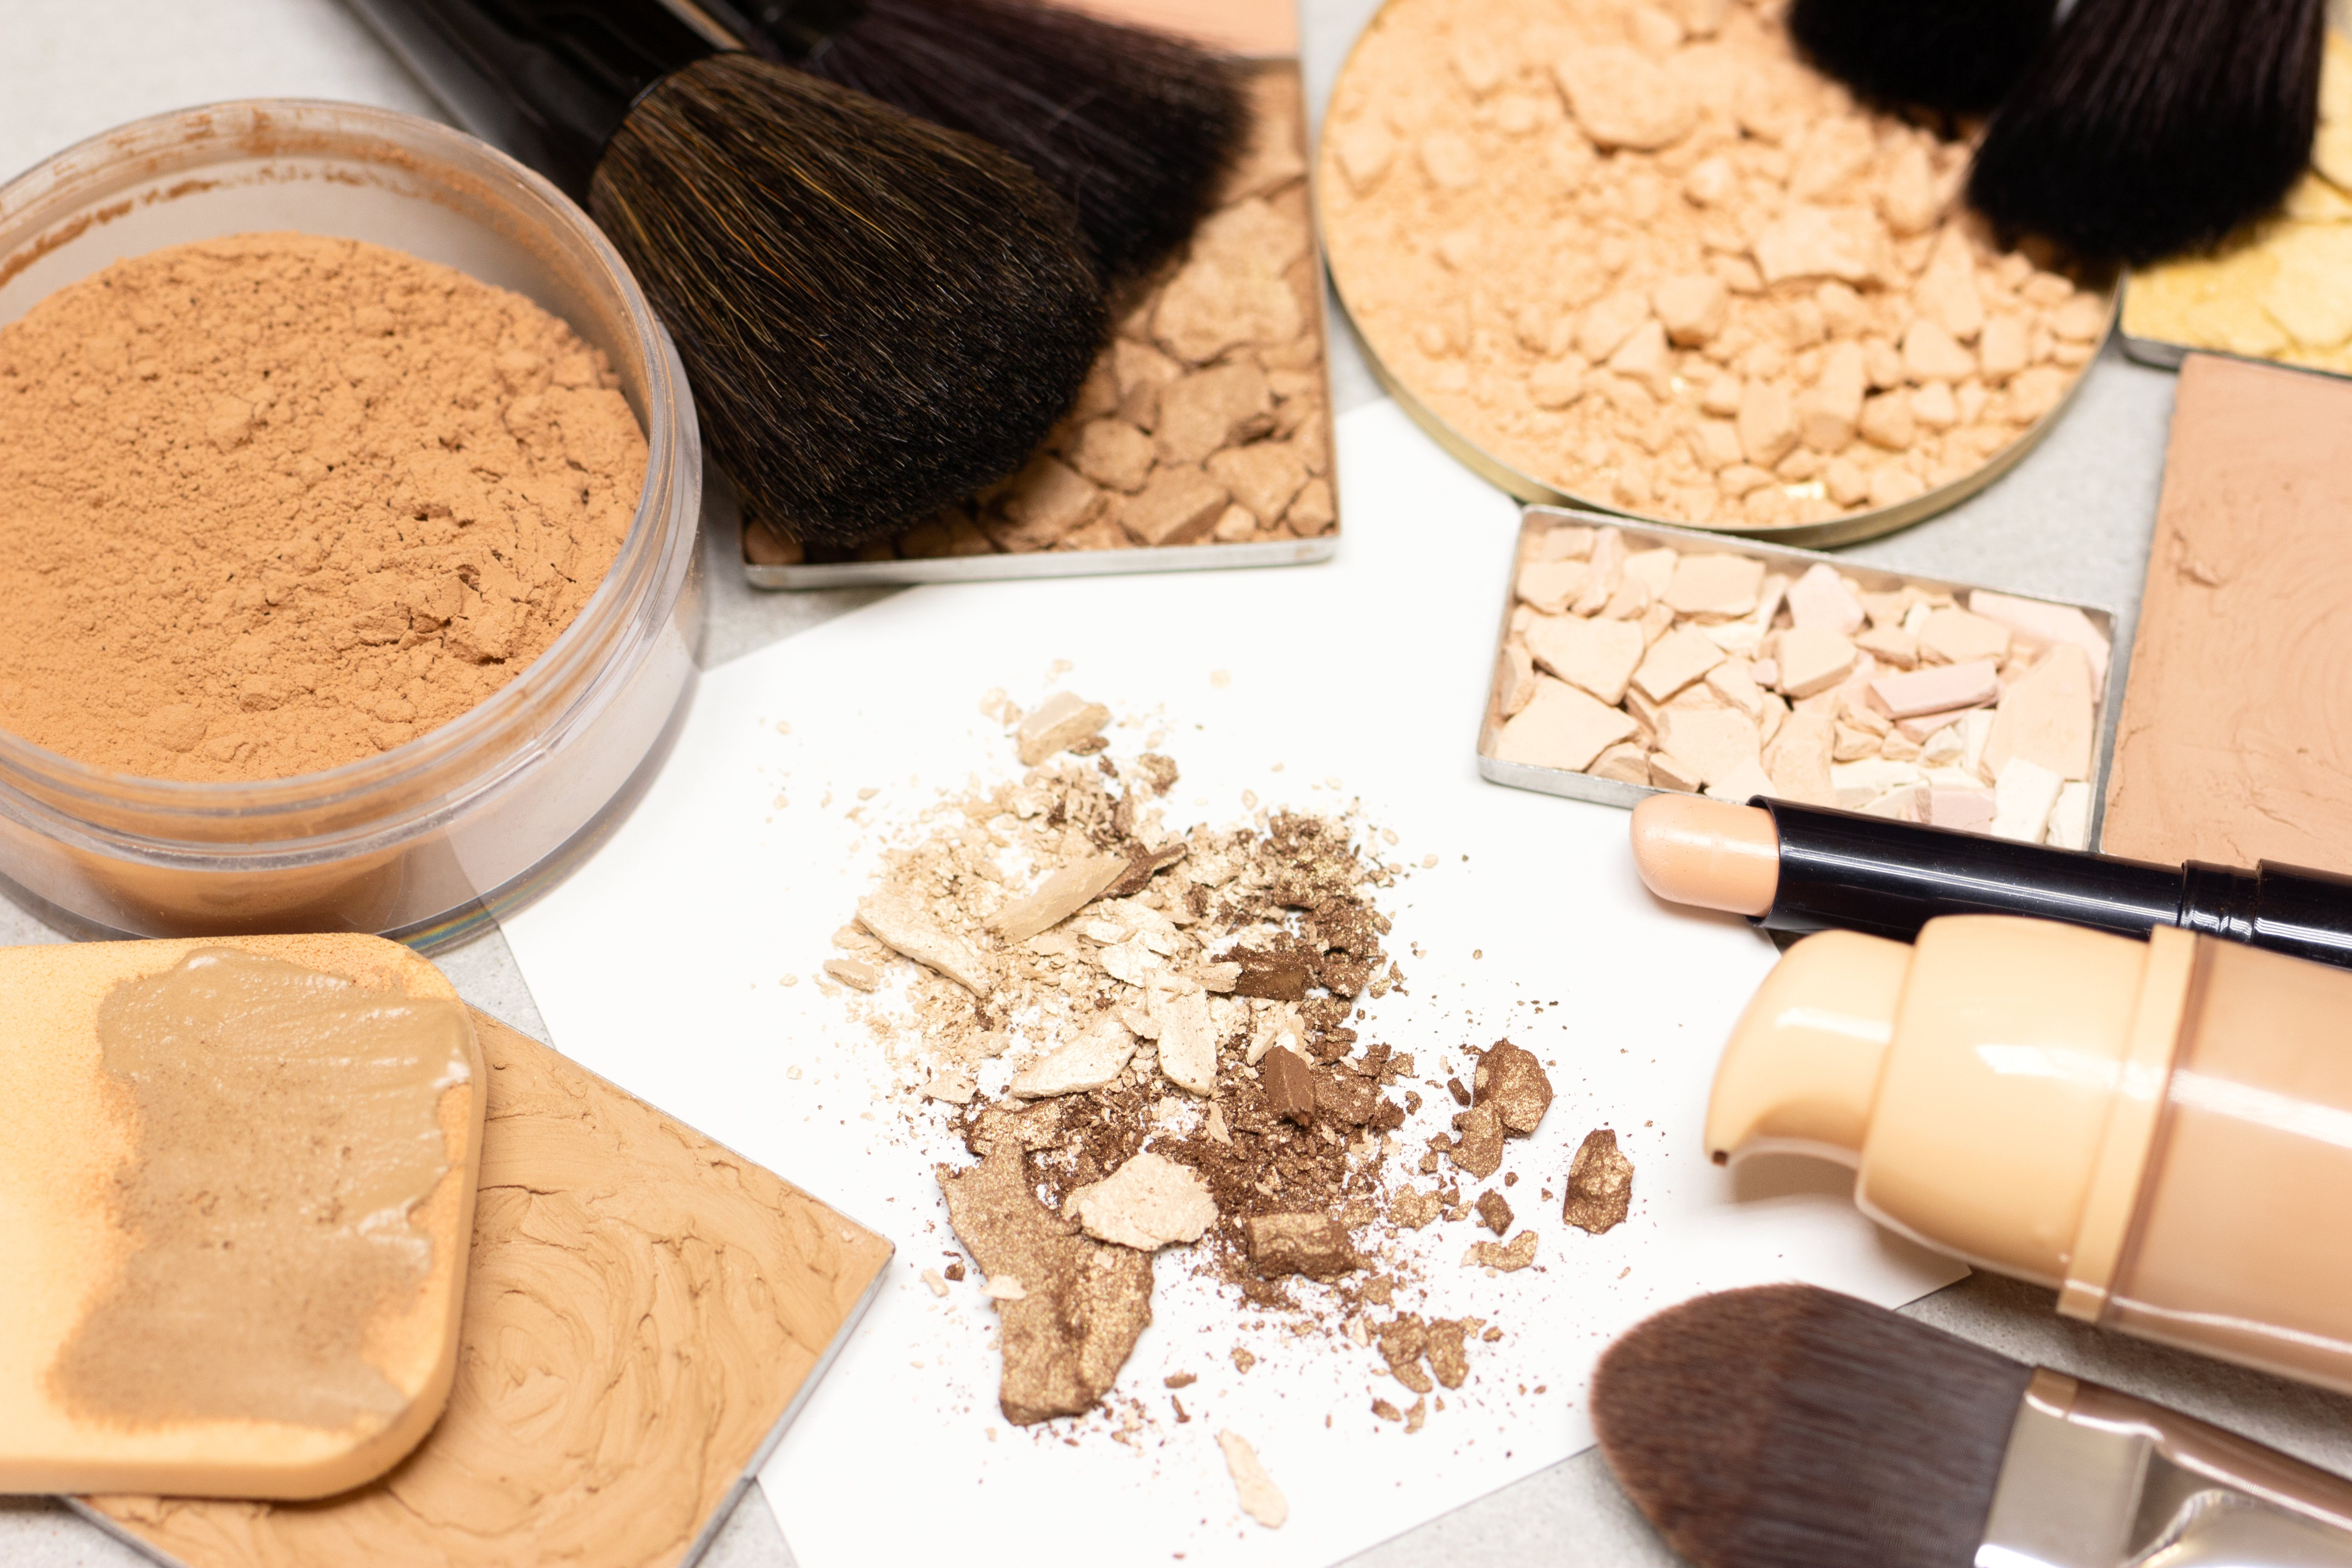 Hay que buscar la base adecuada que te ayude a unificar el tono de tu piel